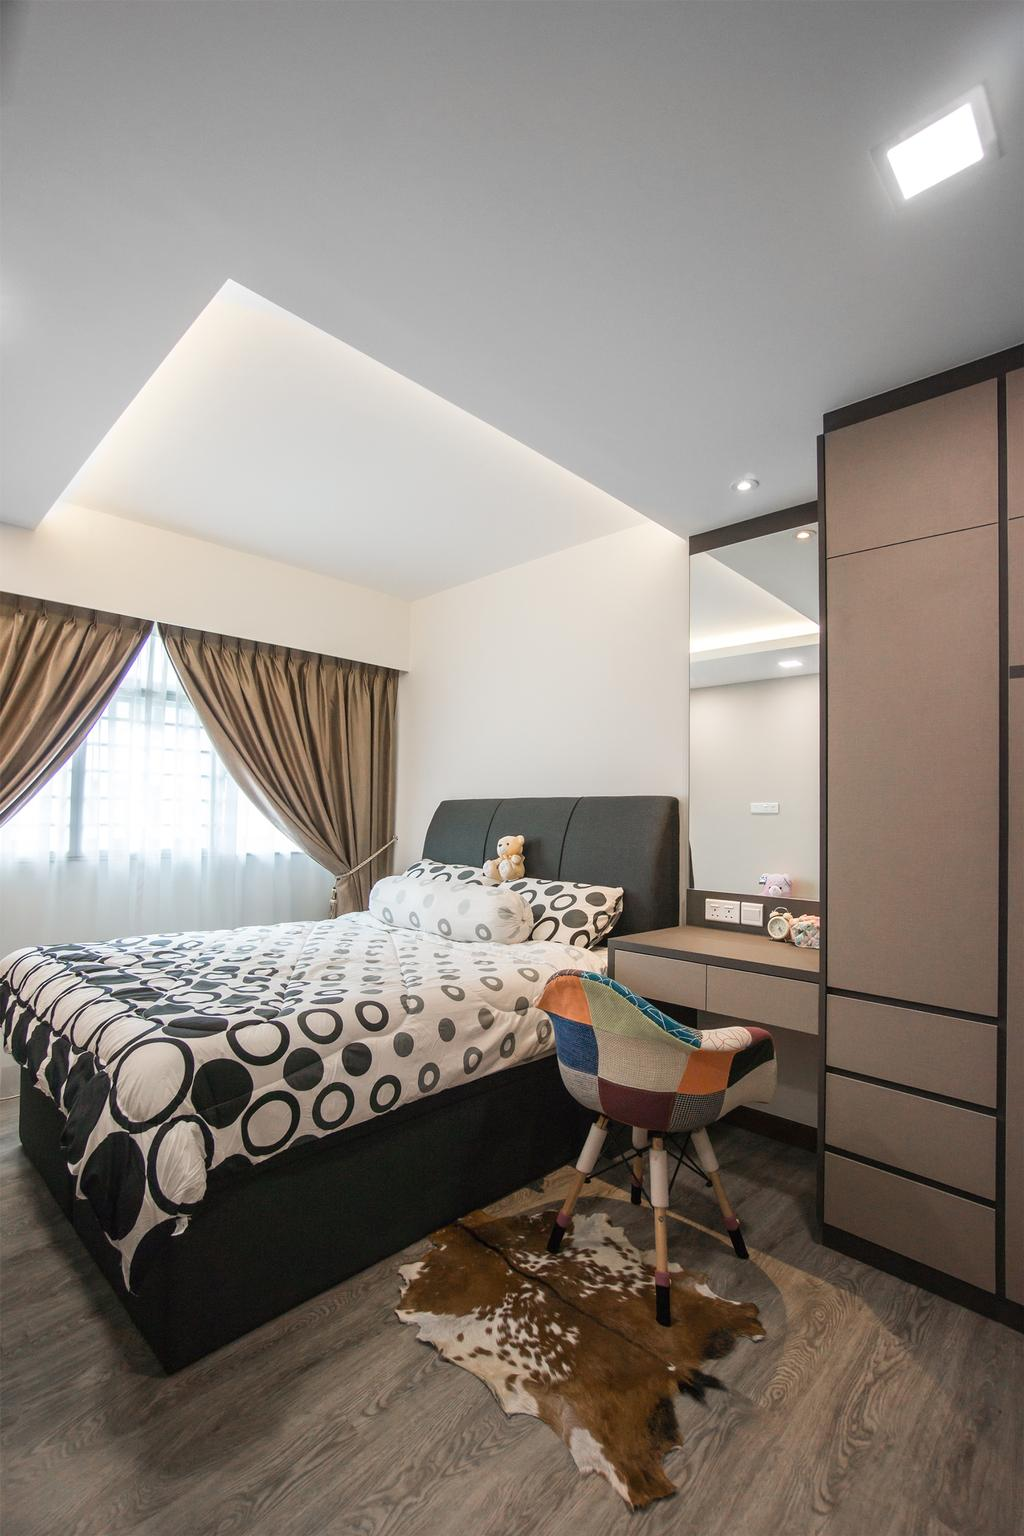 Cool Hdb Interior Design: Interior Design Singapore